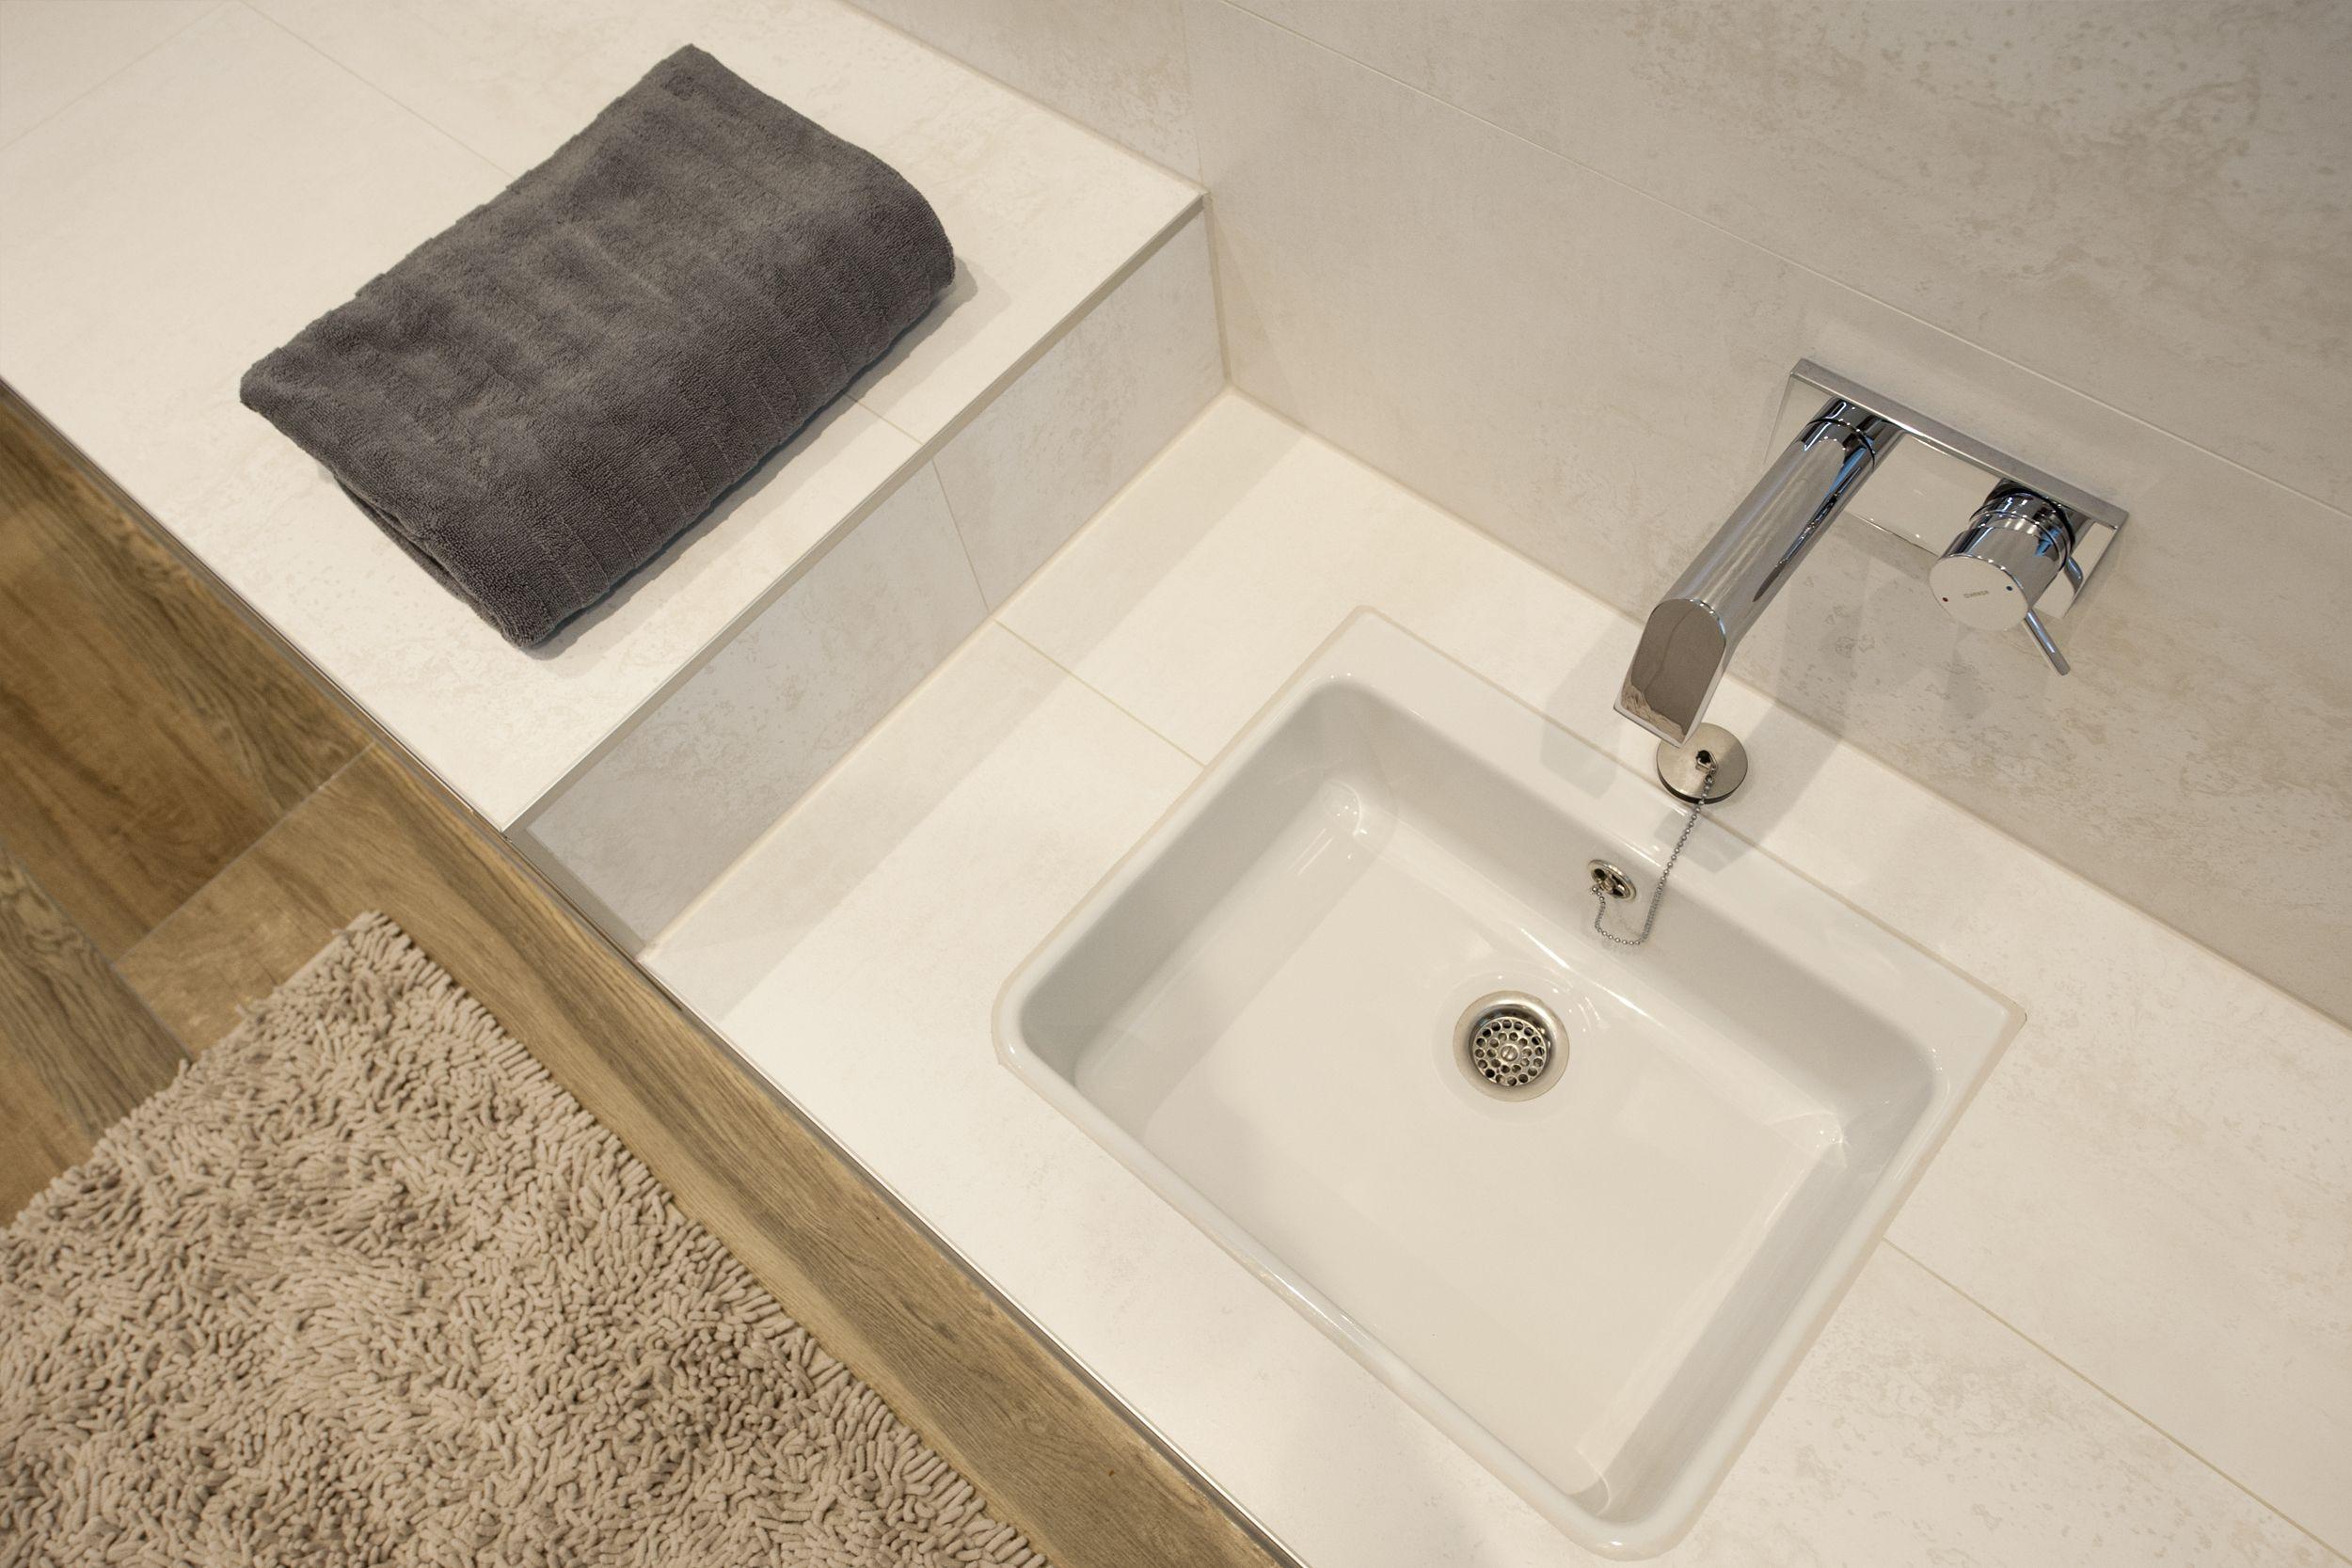 Gemauerte Sitzbank Mit Fusswaschbecken Fliesenboden In Holzoptik Komfortable Einbauwanne Frei Begehbare Dusch Begehbare Dusche Fliesenboden Spiegelschrank